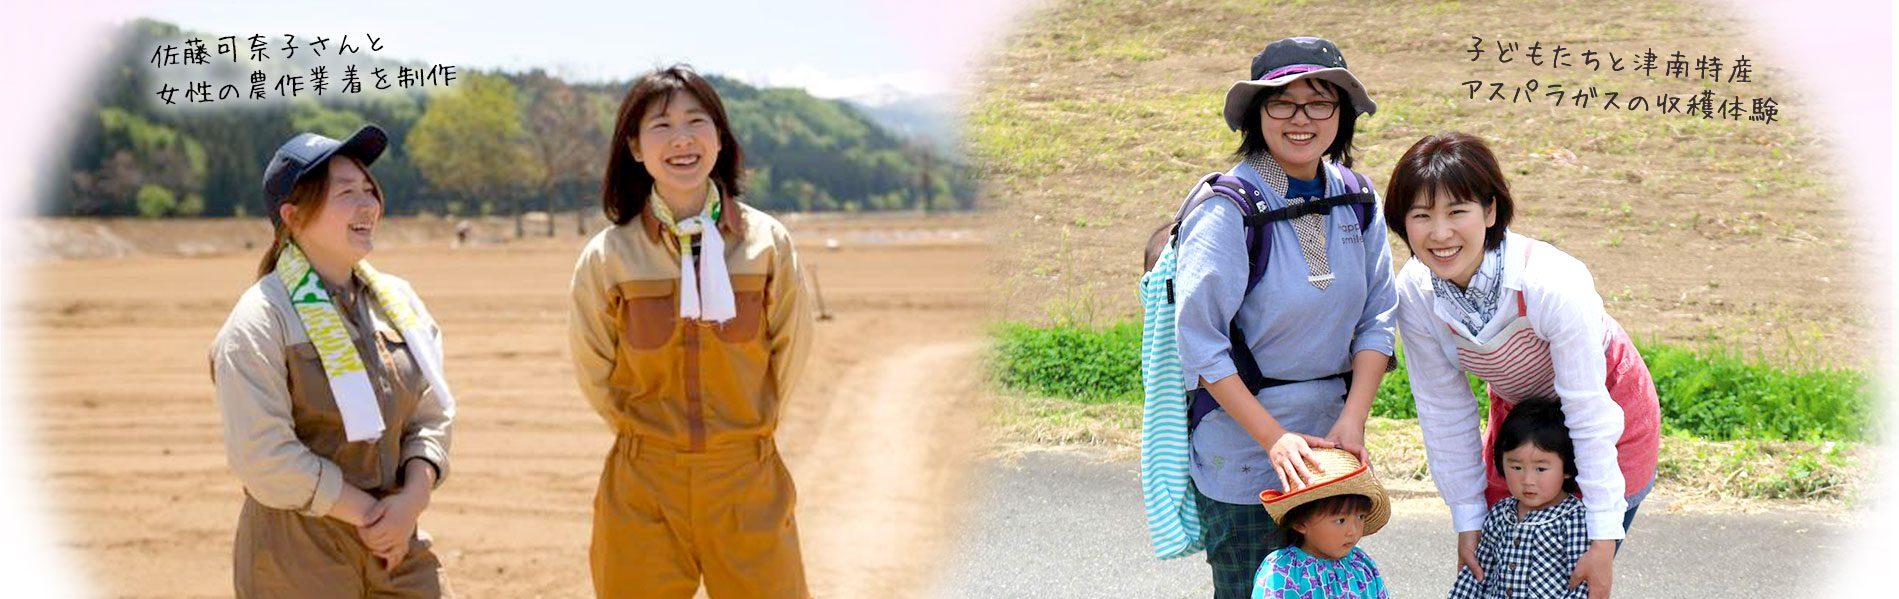 佐藤可奈子さんと女性の農作業着を制作 子どもたちと津南特産アスパラガスの収穫体験